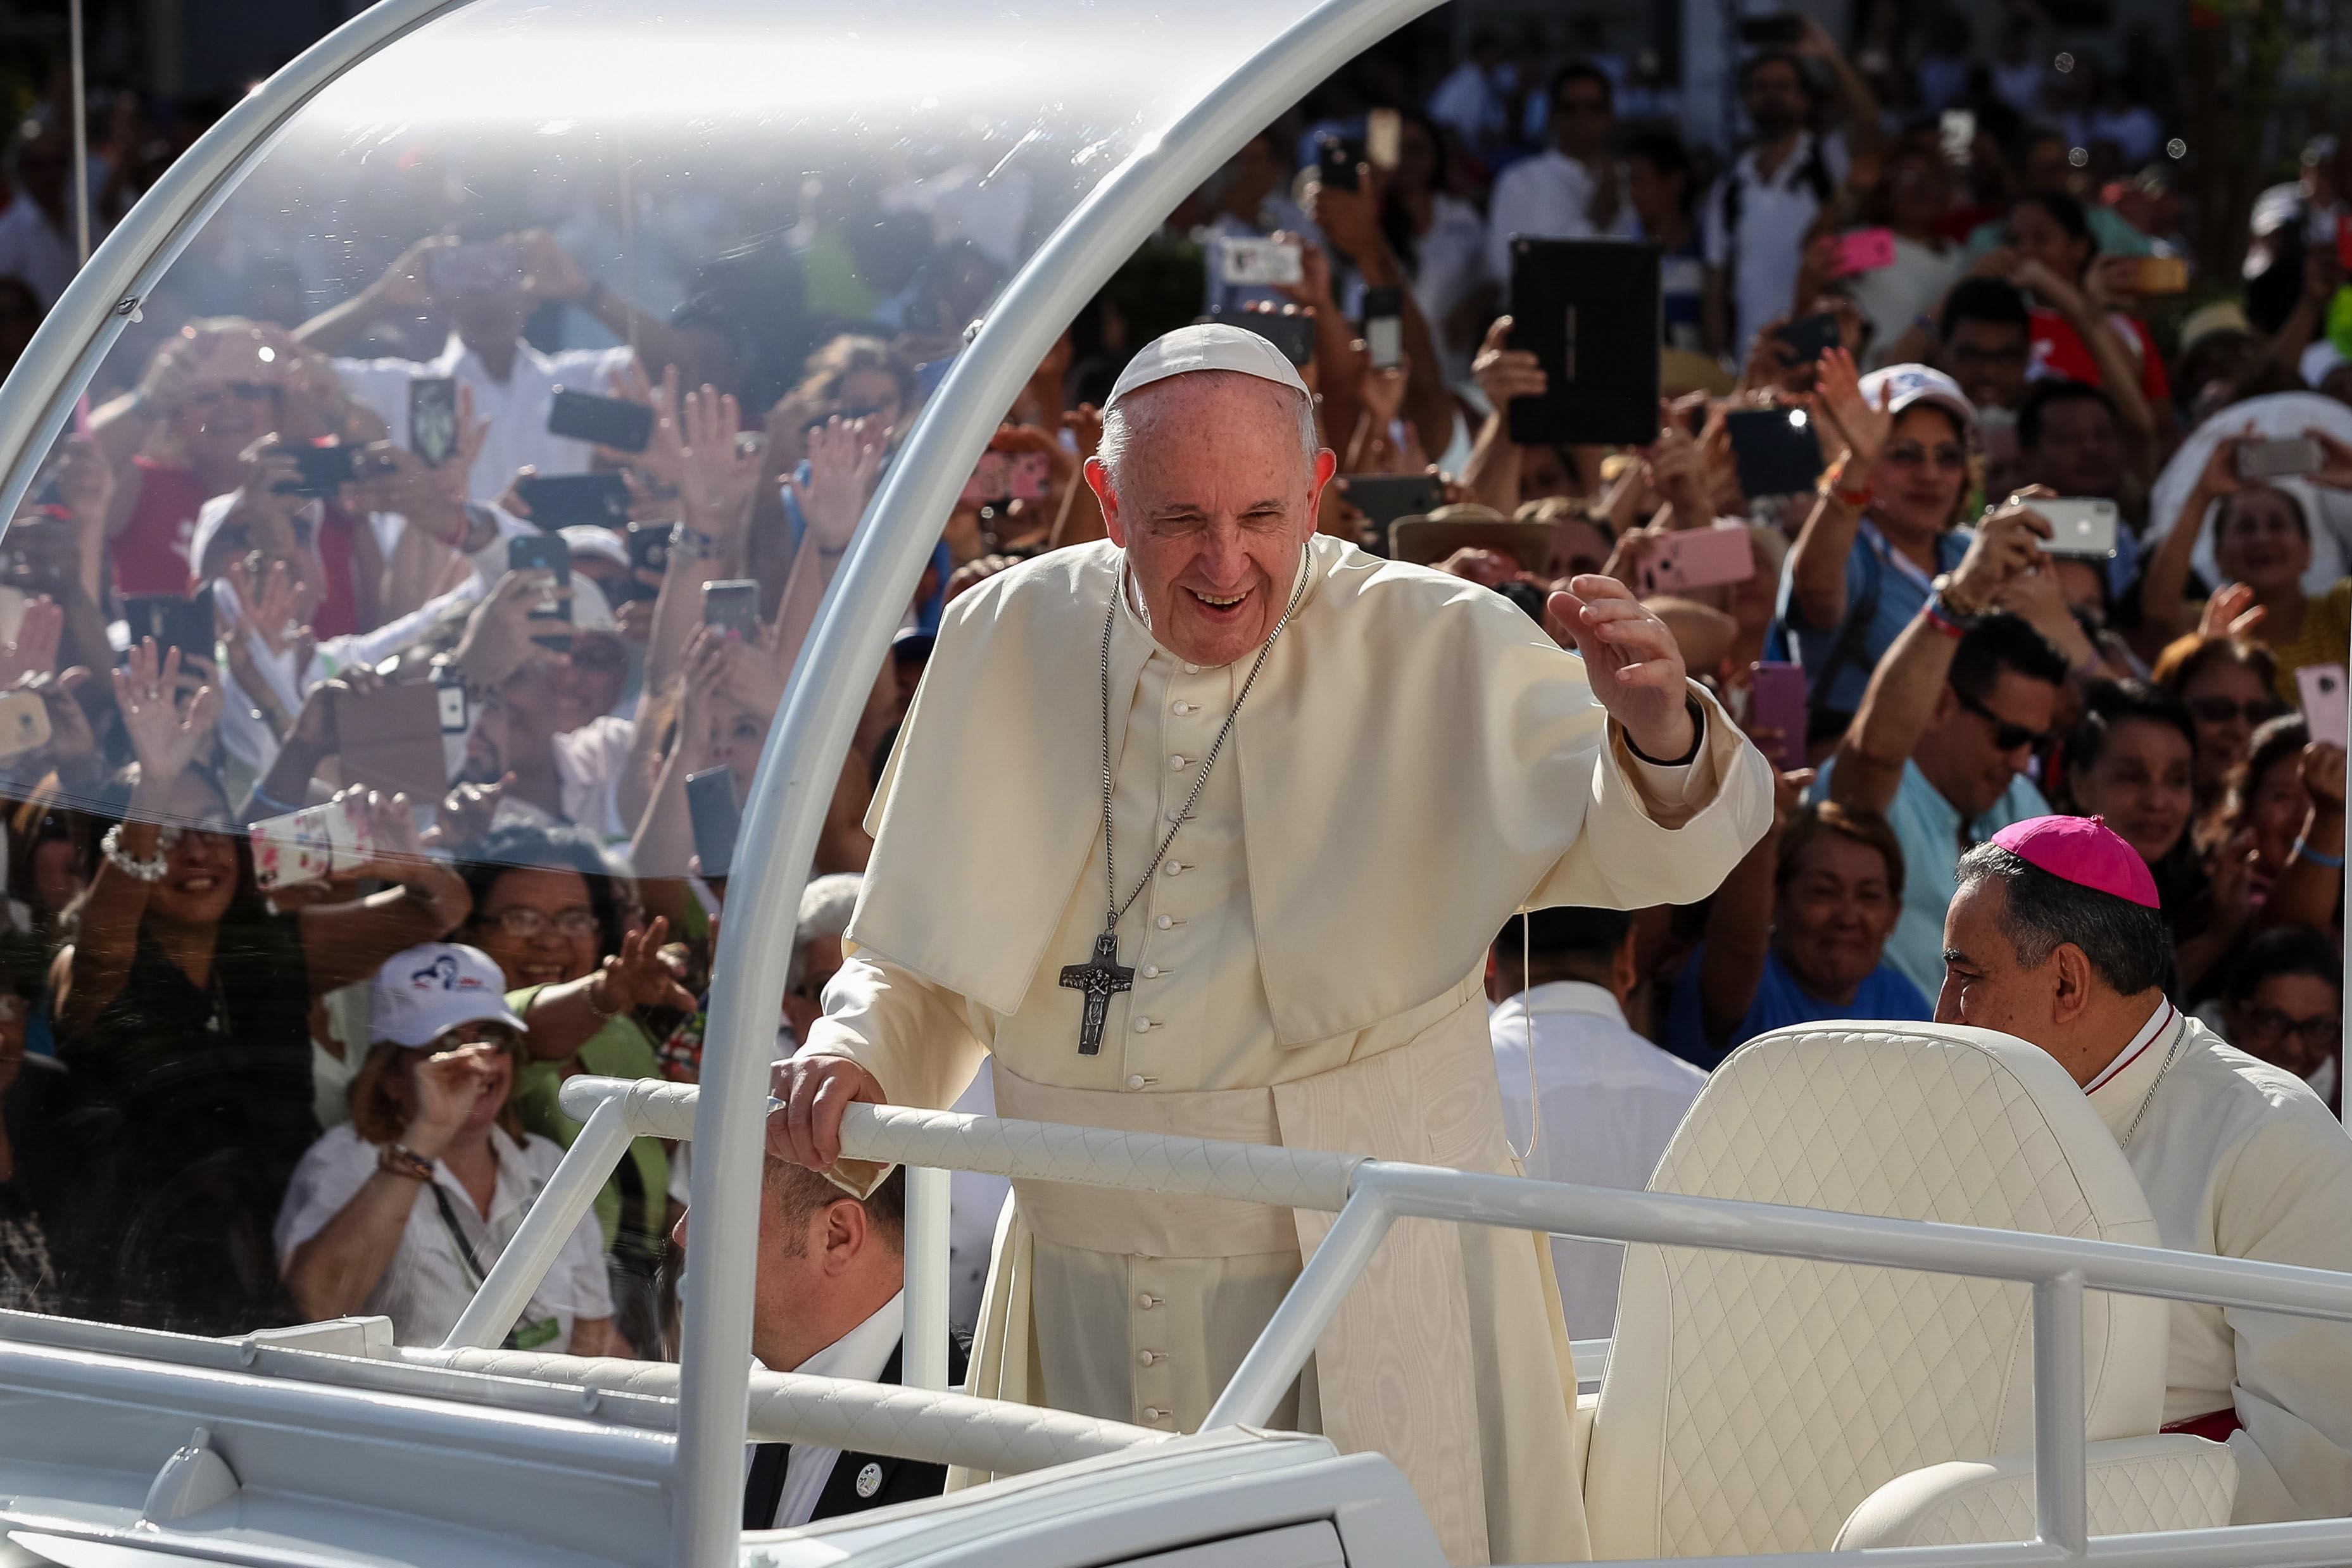 El papa Francisco deja huella positiva durante la Jornada Mundial de la Juventud en Panamá. (Foto Prensa Libre: EFE)